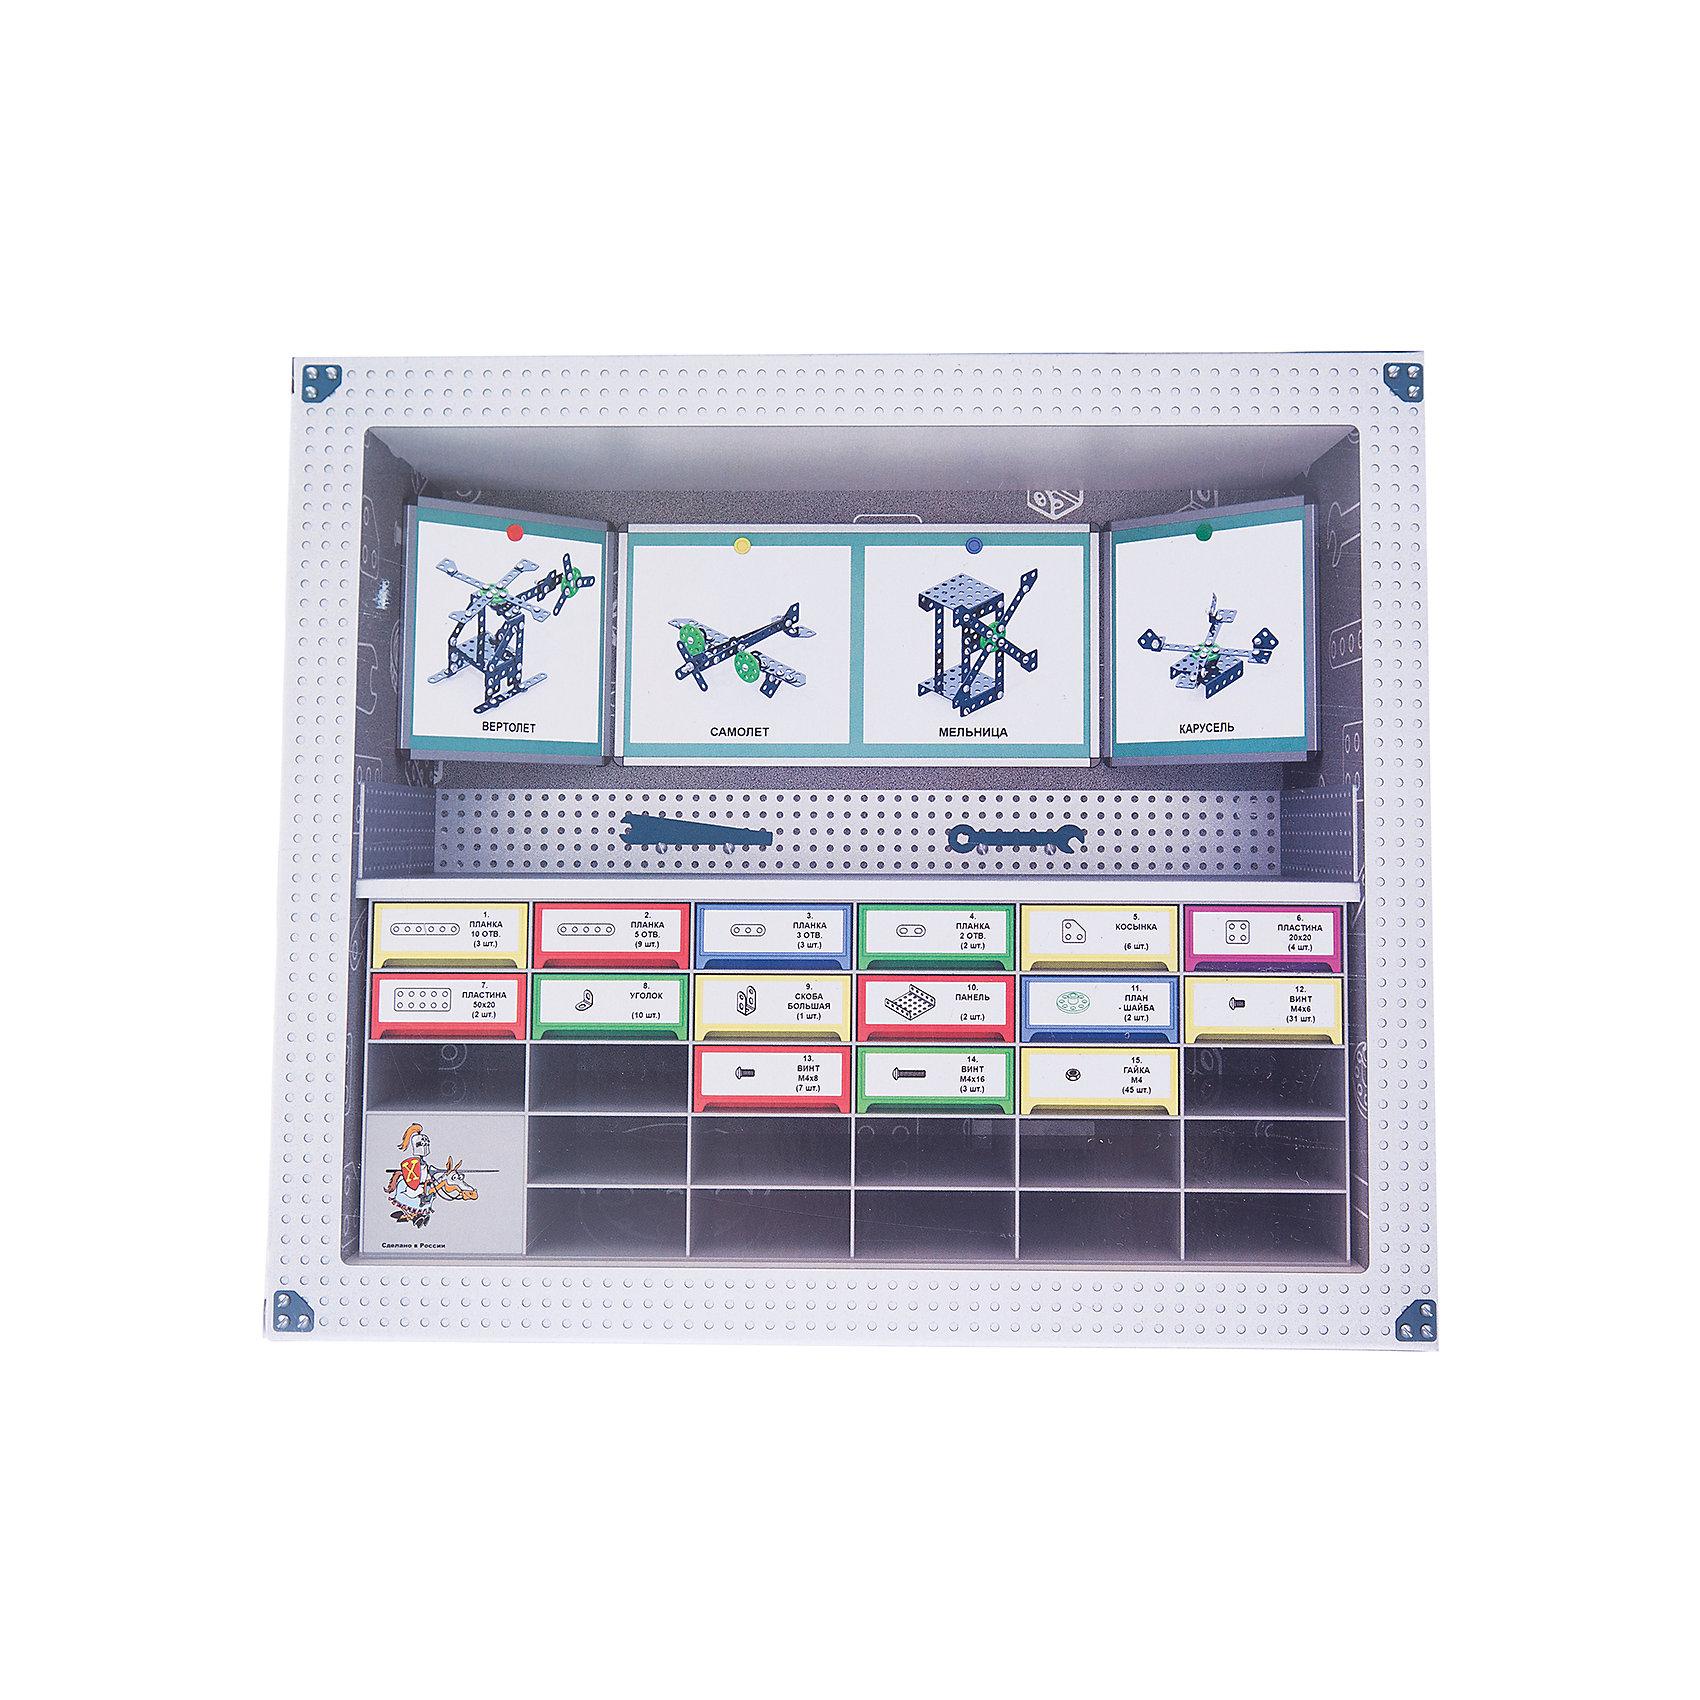 Конструктор металлический, 132 детали, Десятое королевствоМеталлические конструкторы<br>Конструктор металлический, 132 детали, Десятое королевство<br><br>Характеристики: <br><br>• Возраст: от 6 лет<br>• Материал: металл<br>• В комплекте: 132 детали<br><br>Данный металлический конструктор состоит из различных по размеру деталей и позволяет собрать множество видов транспорта и техники. Он создан из качественного, безопасного для детей материала и в него удобно играть, как в одиночку, так и в компании. Набор содержит инструкцию для удобства сборки и соответствует передовым требованиям качества.<br><br>Конструктор металлический, 132 детали, Десятое королевство можно купить в нашем интернет-магазине.<br><br>Ширина мм: 235<br>Глубина мм: 205<br>Высота мм: 35<br>Вес г: 378<br>Возраст от месяцев: 84<br>Возраст до месяцев: 2147483647<br>Пол: Мужской<br>Возраст: Детский<br>SKU: 5473809